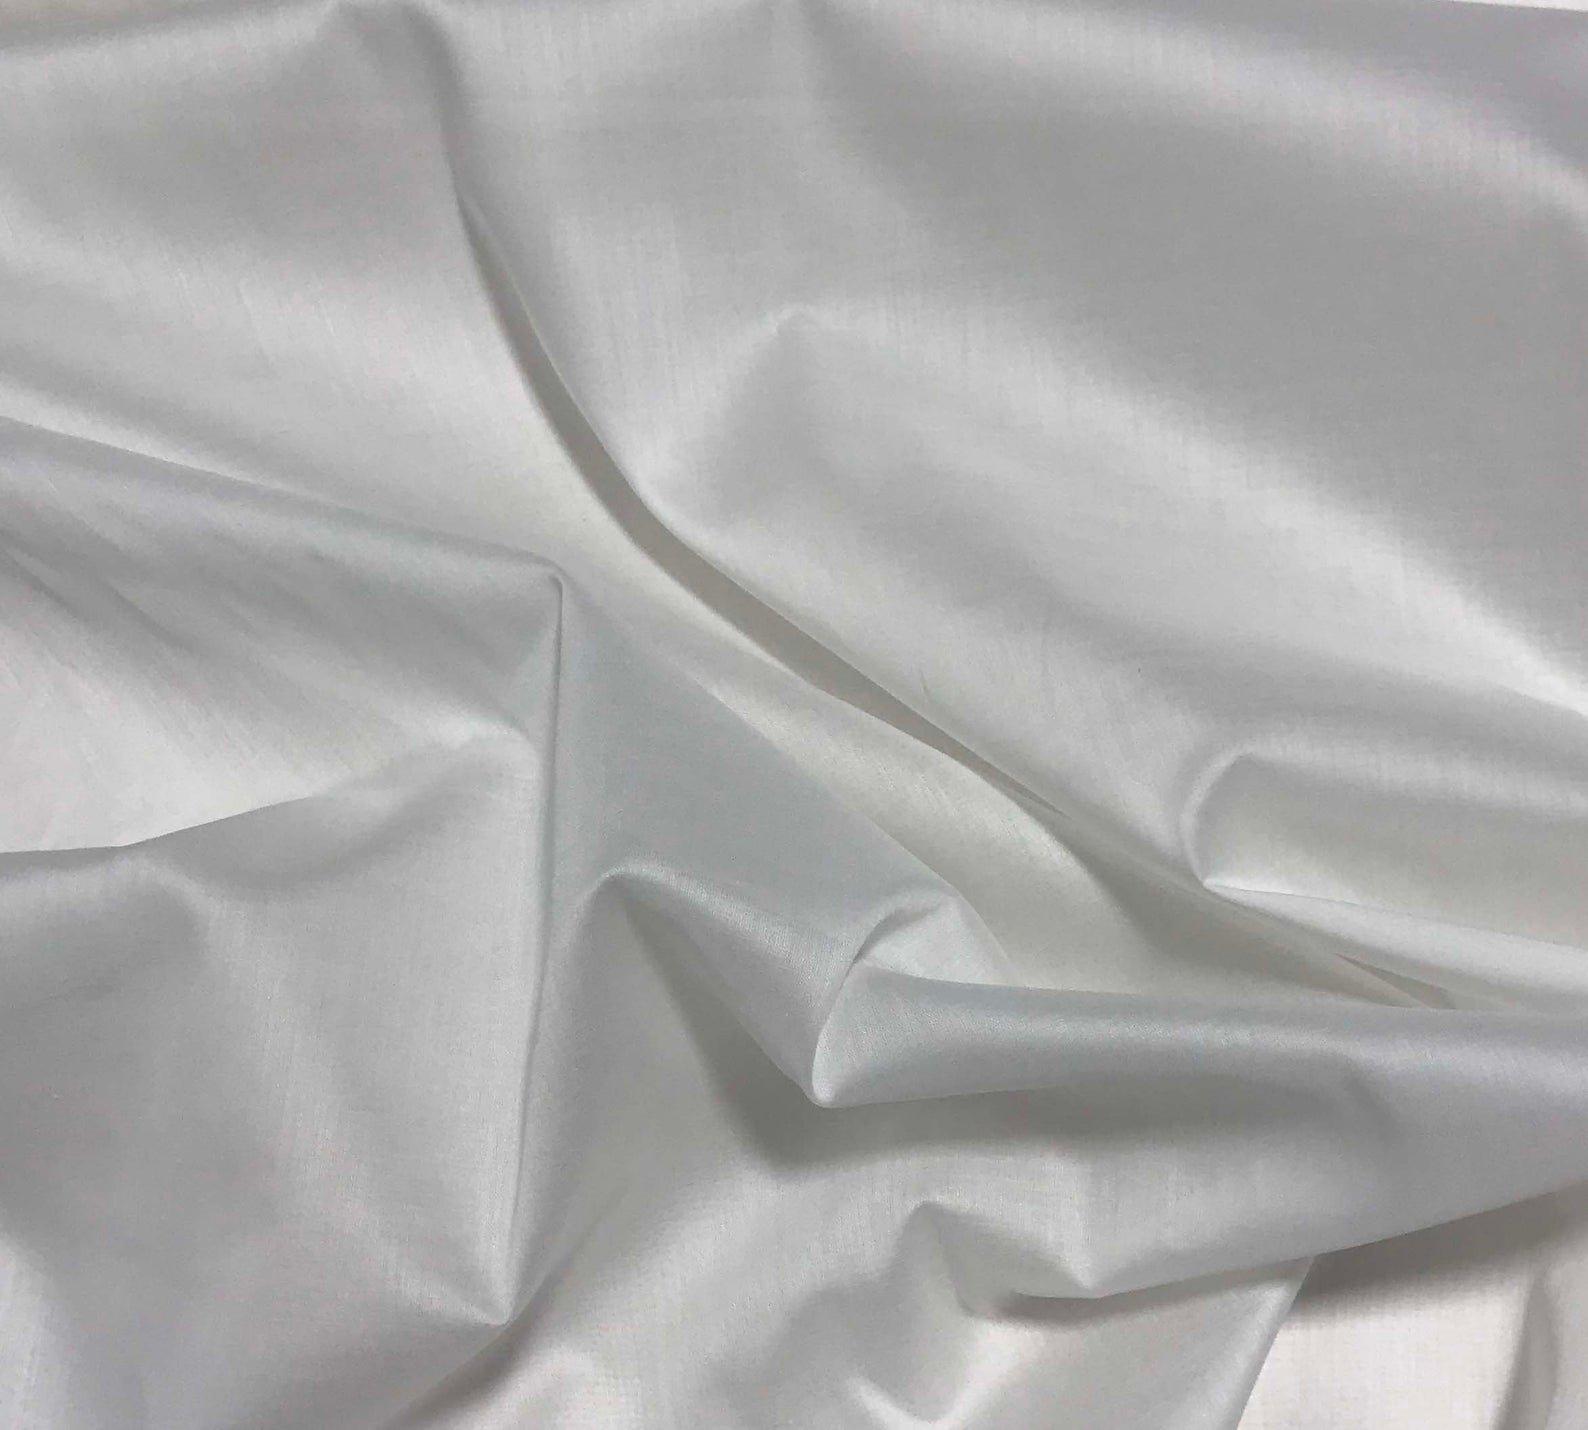 Nelona Swiss Pima Batiste, White by Spechler-Vogel